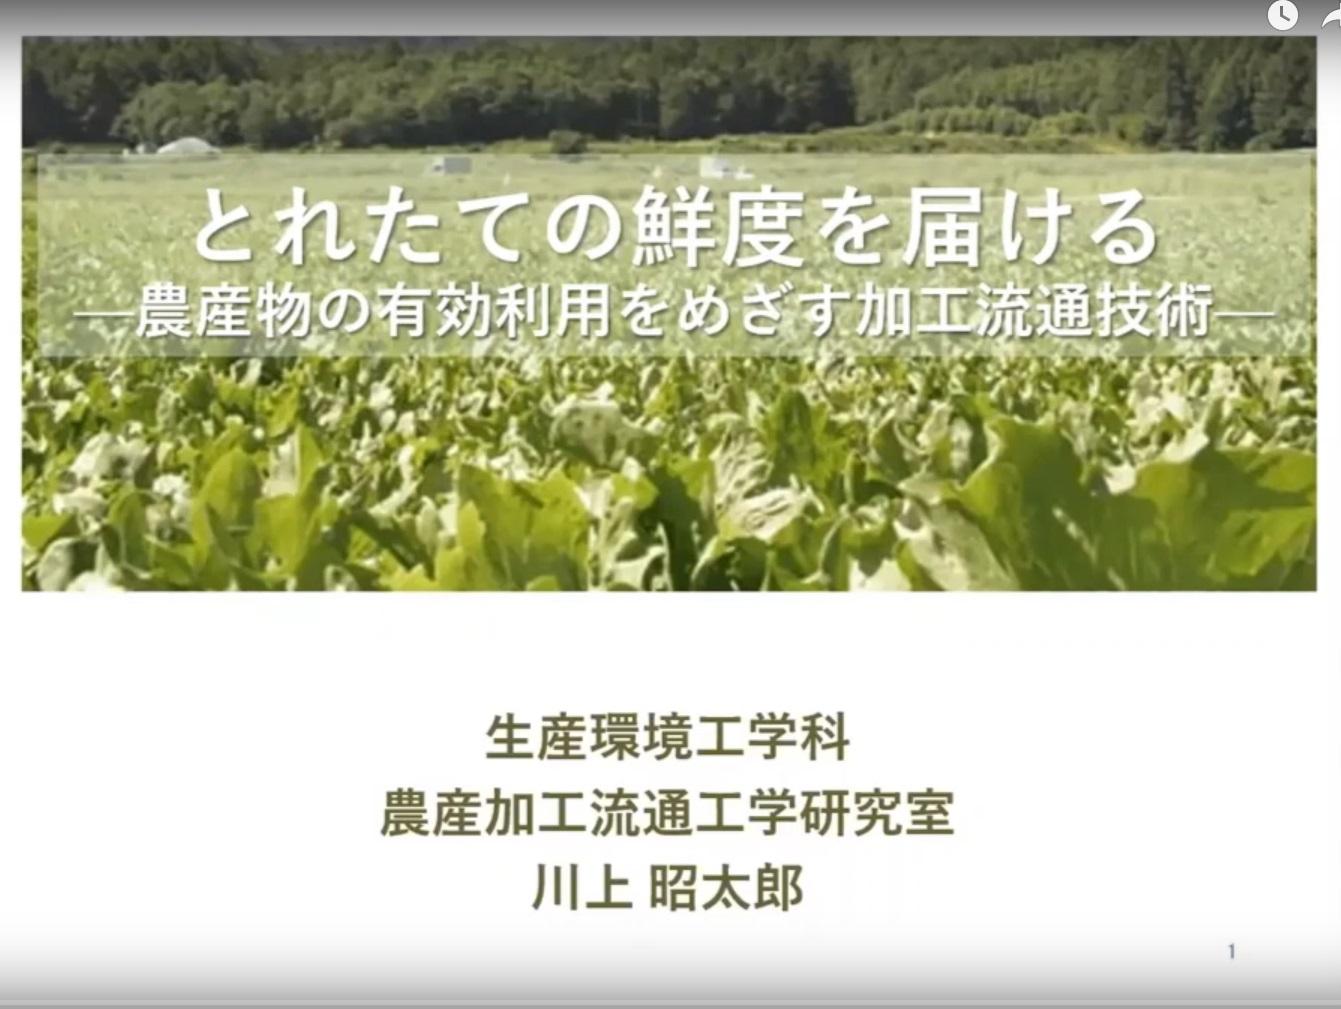 川上昭太郎 准教授 【とれたての鮮度を届ける—農産物の有効利用をめざす加工流通技術—】